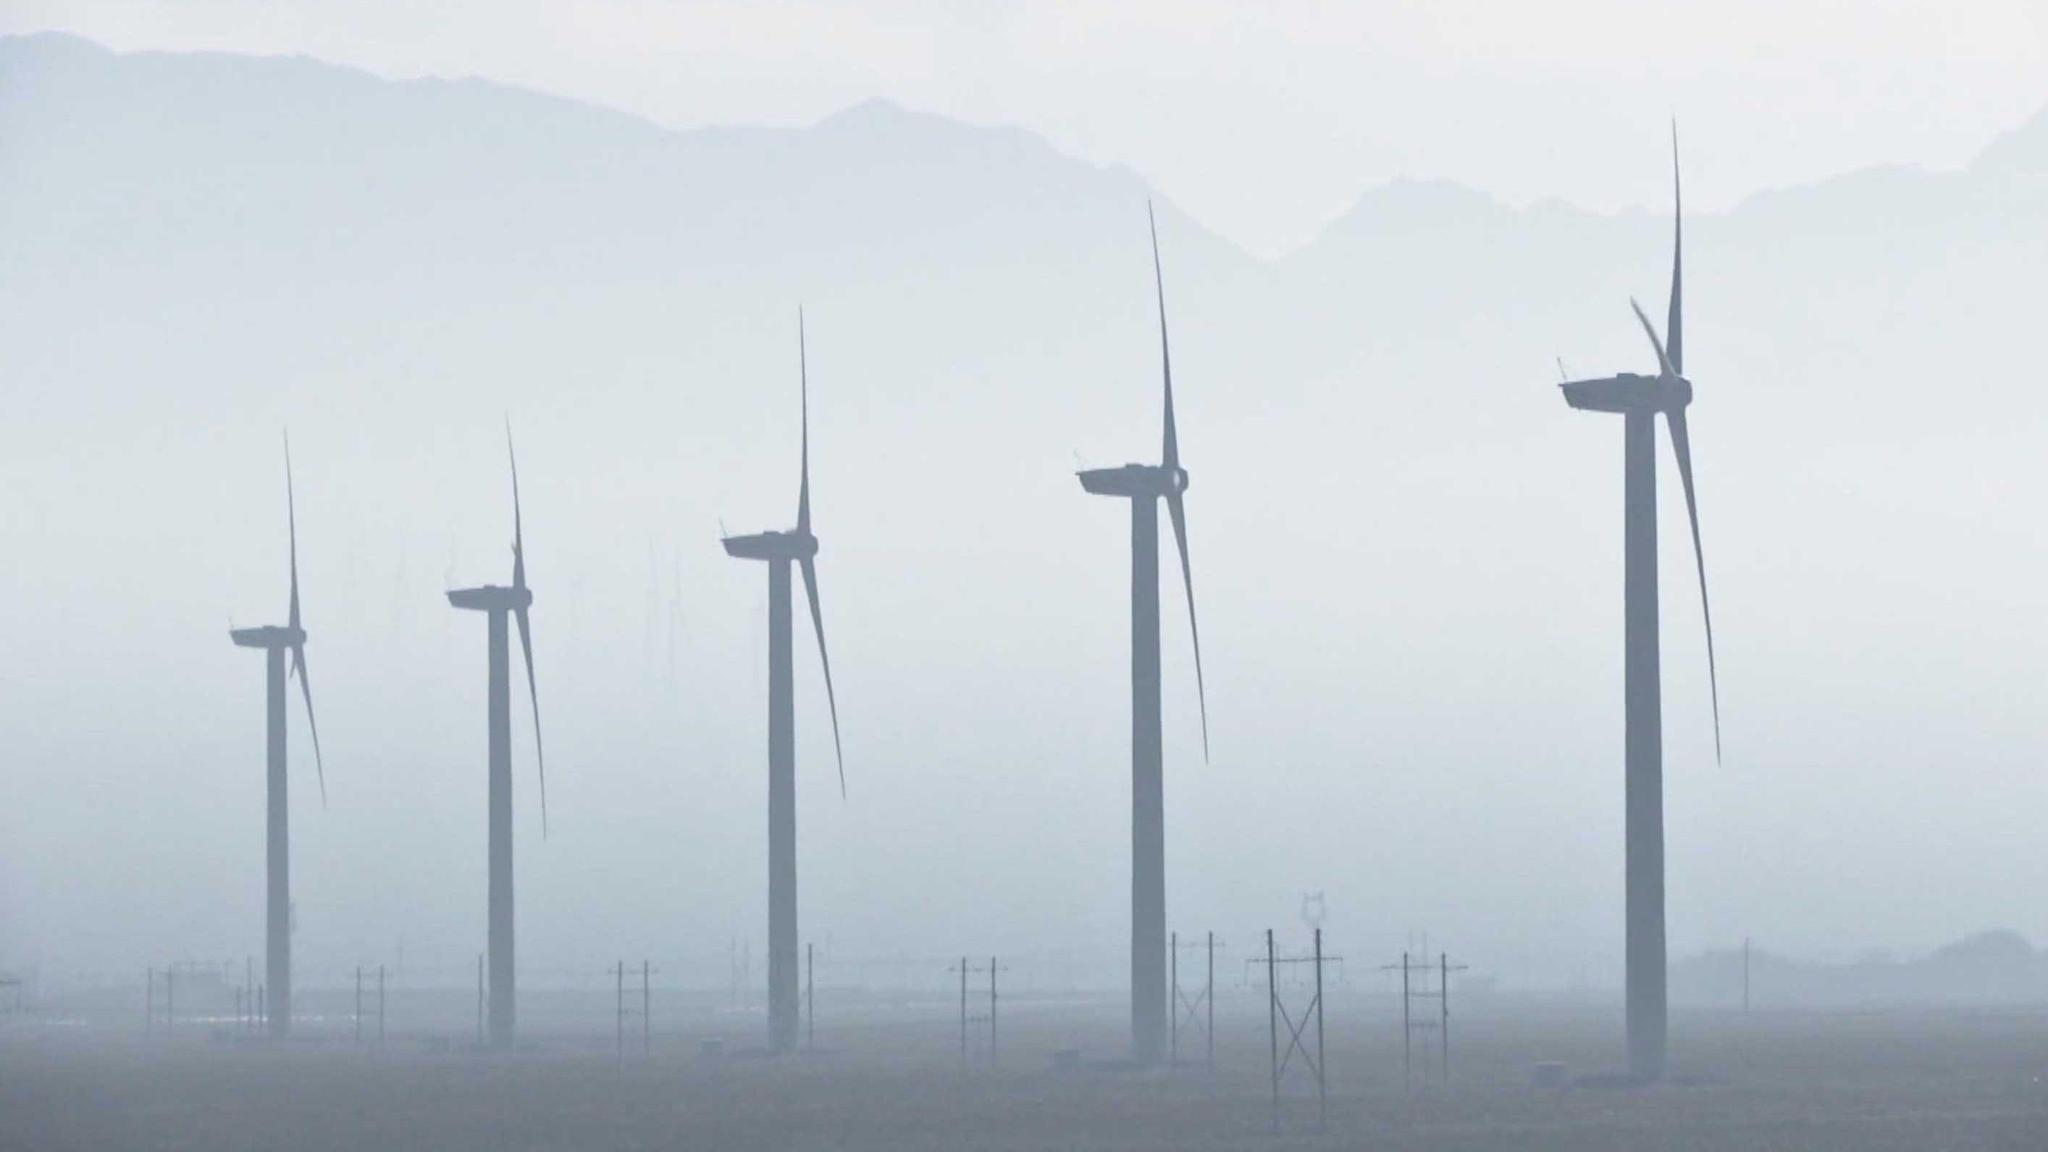 甘肃:第一季度新能源利用率创新高